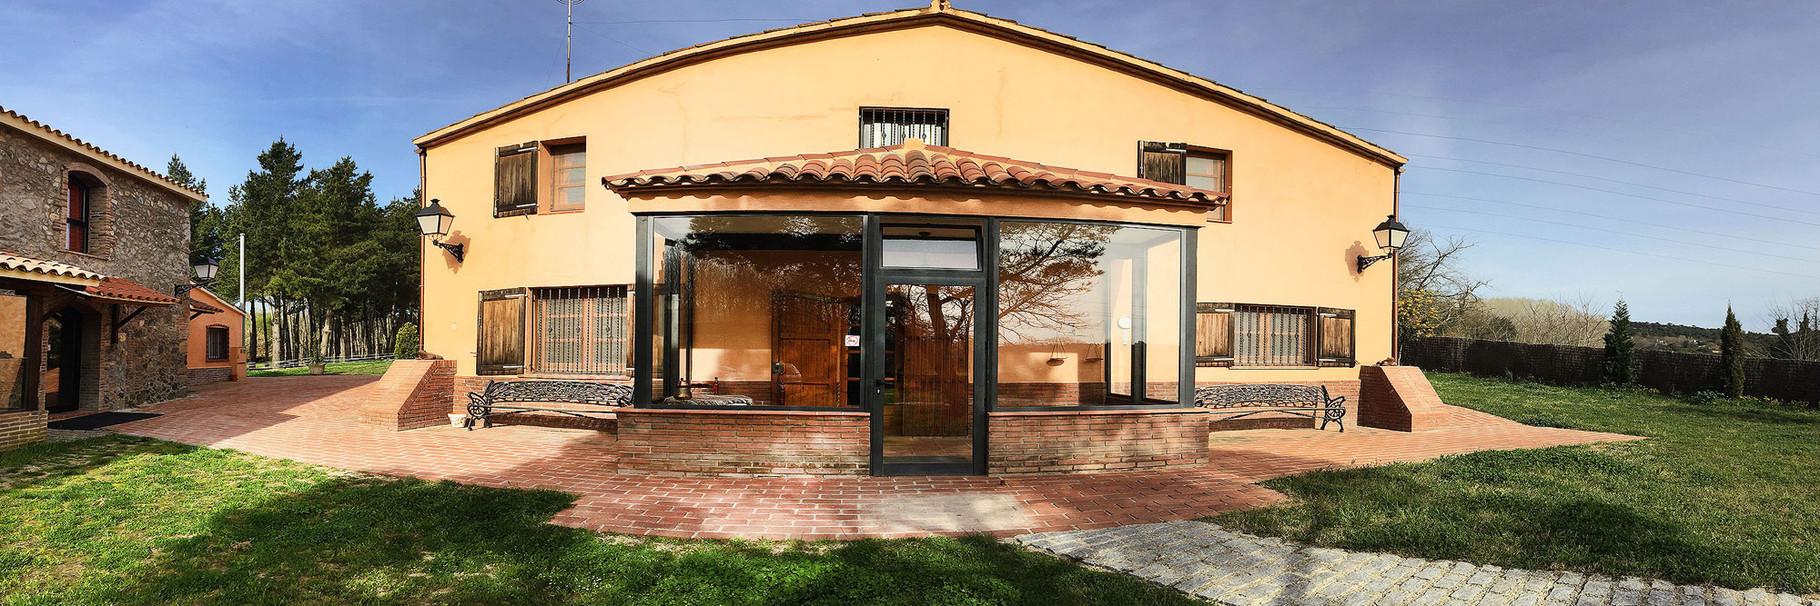 Casa Naranja: un espacio donde disfrutar en familia